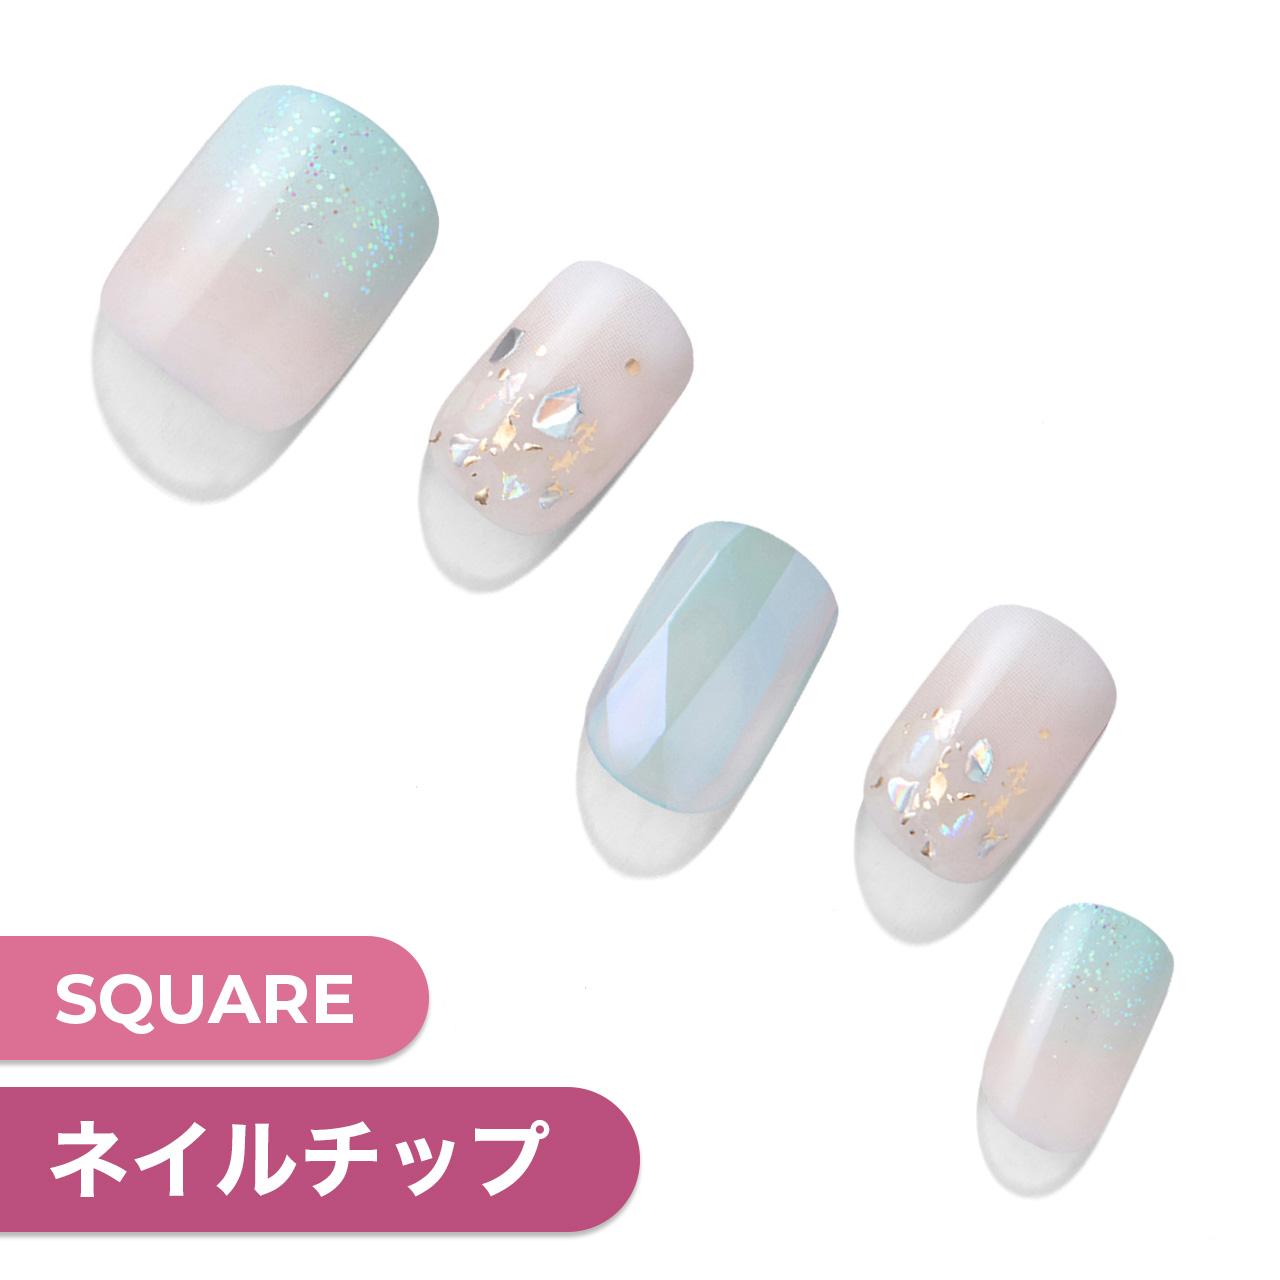 【Fairy Dust】ダッシングディバマジックプレス